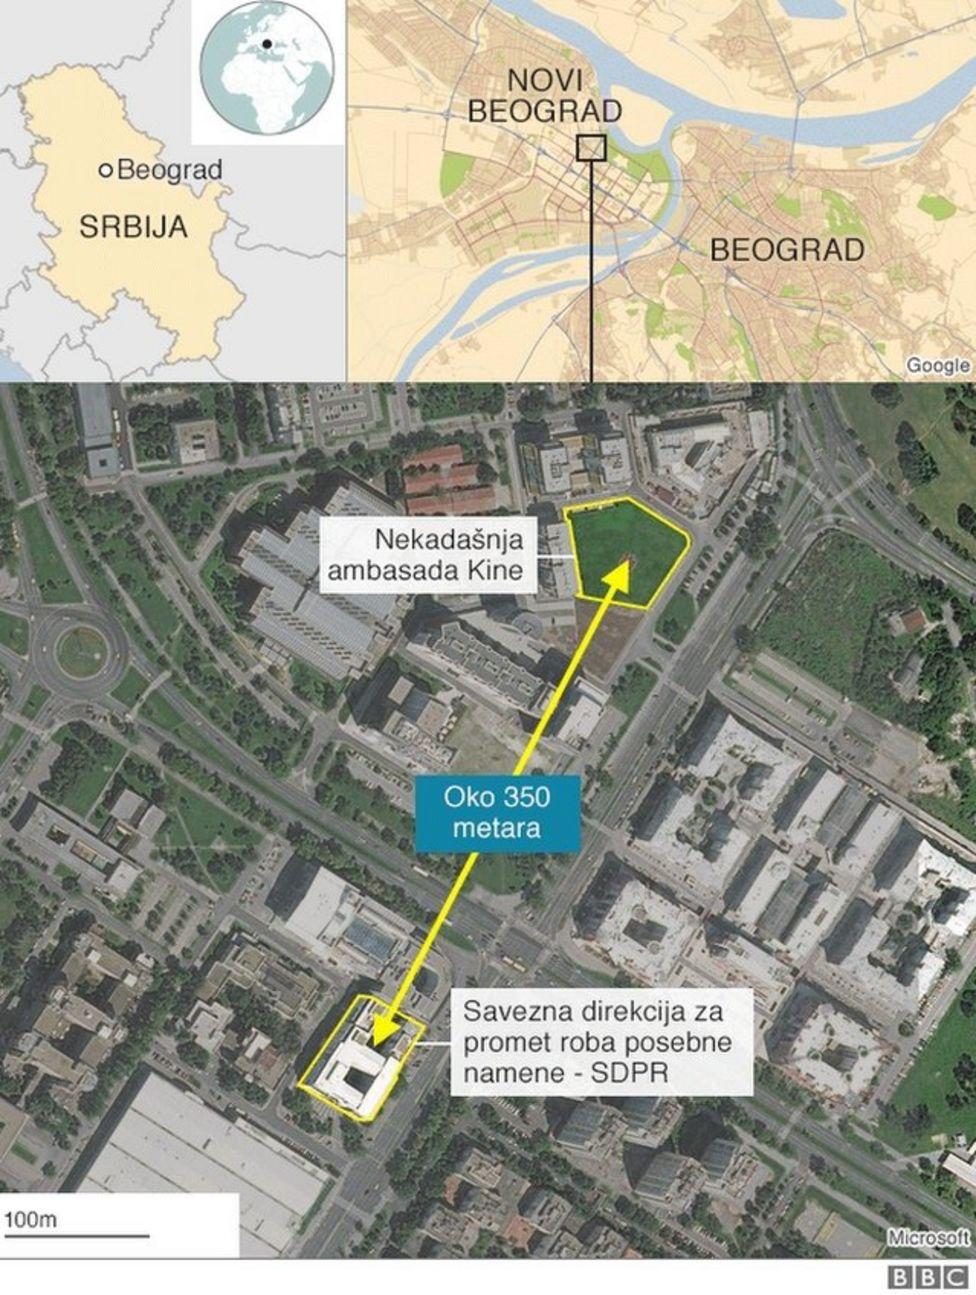 Mapa pokazuje lokaciju kineske ambasade, 350 metara od zgrade SDPR-a